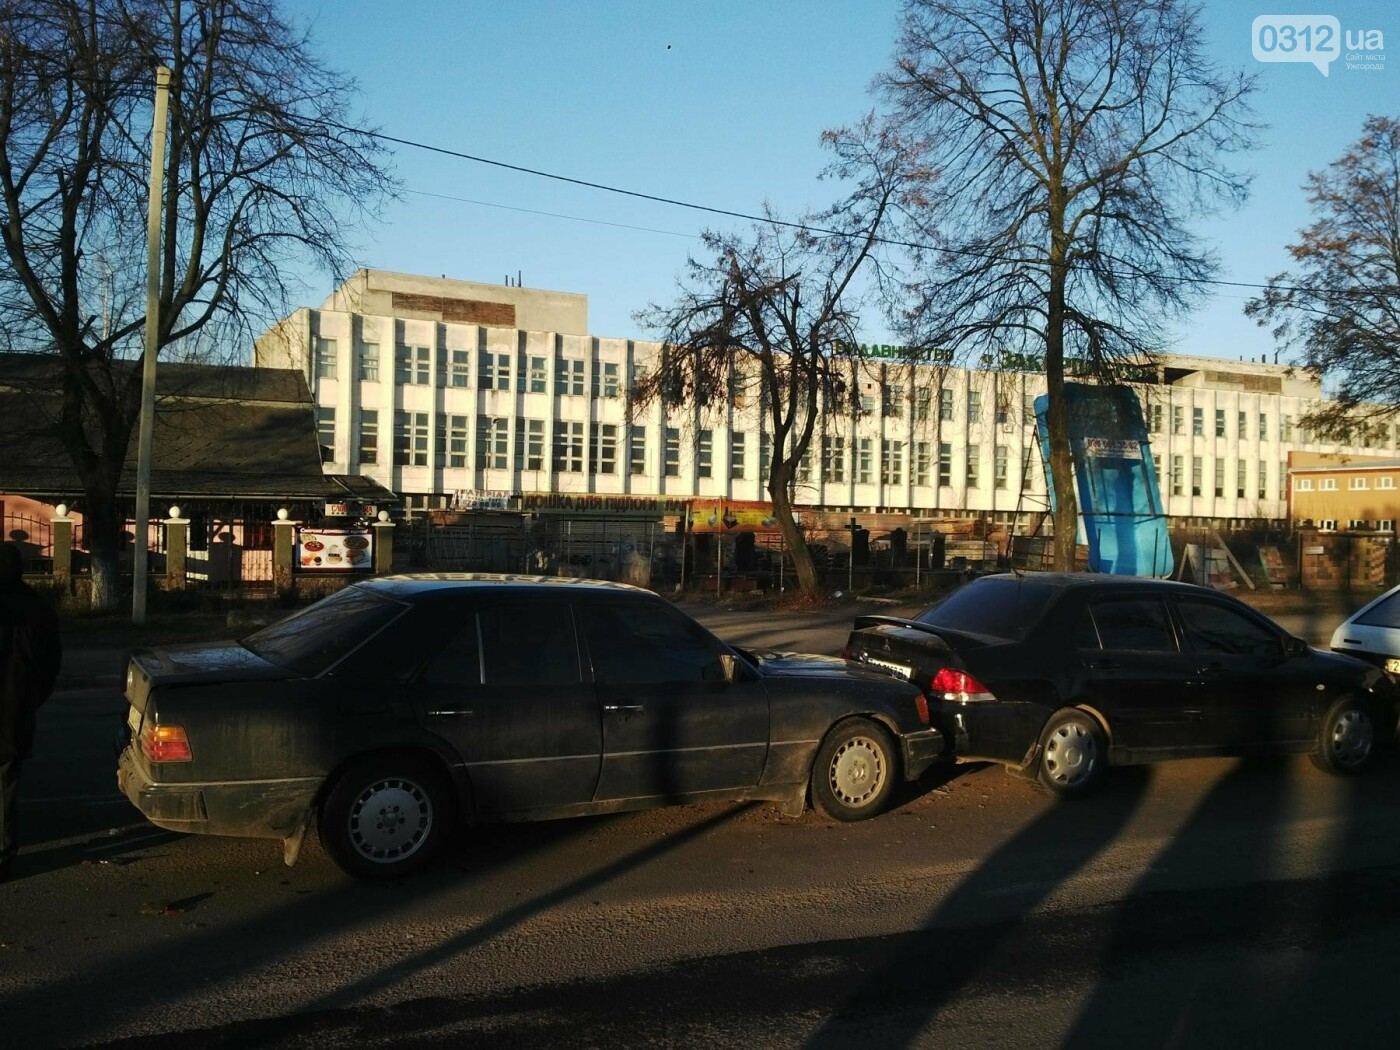 """В Ужгороді на Гагаріна аварія за участі 4-ох авто: зіткнулися """"Ауді"""", """"Мерседес"""", """"Мітсубісі"""" і """"ВАЗ"""" (ФОТО), фото-4"""